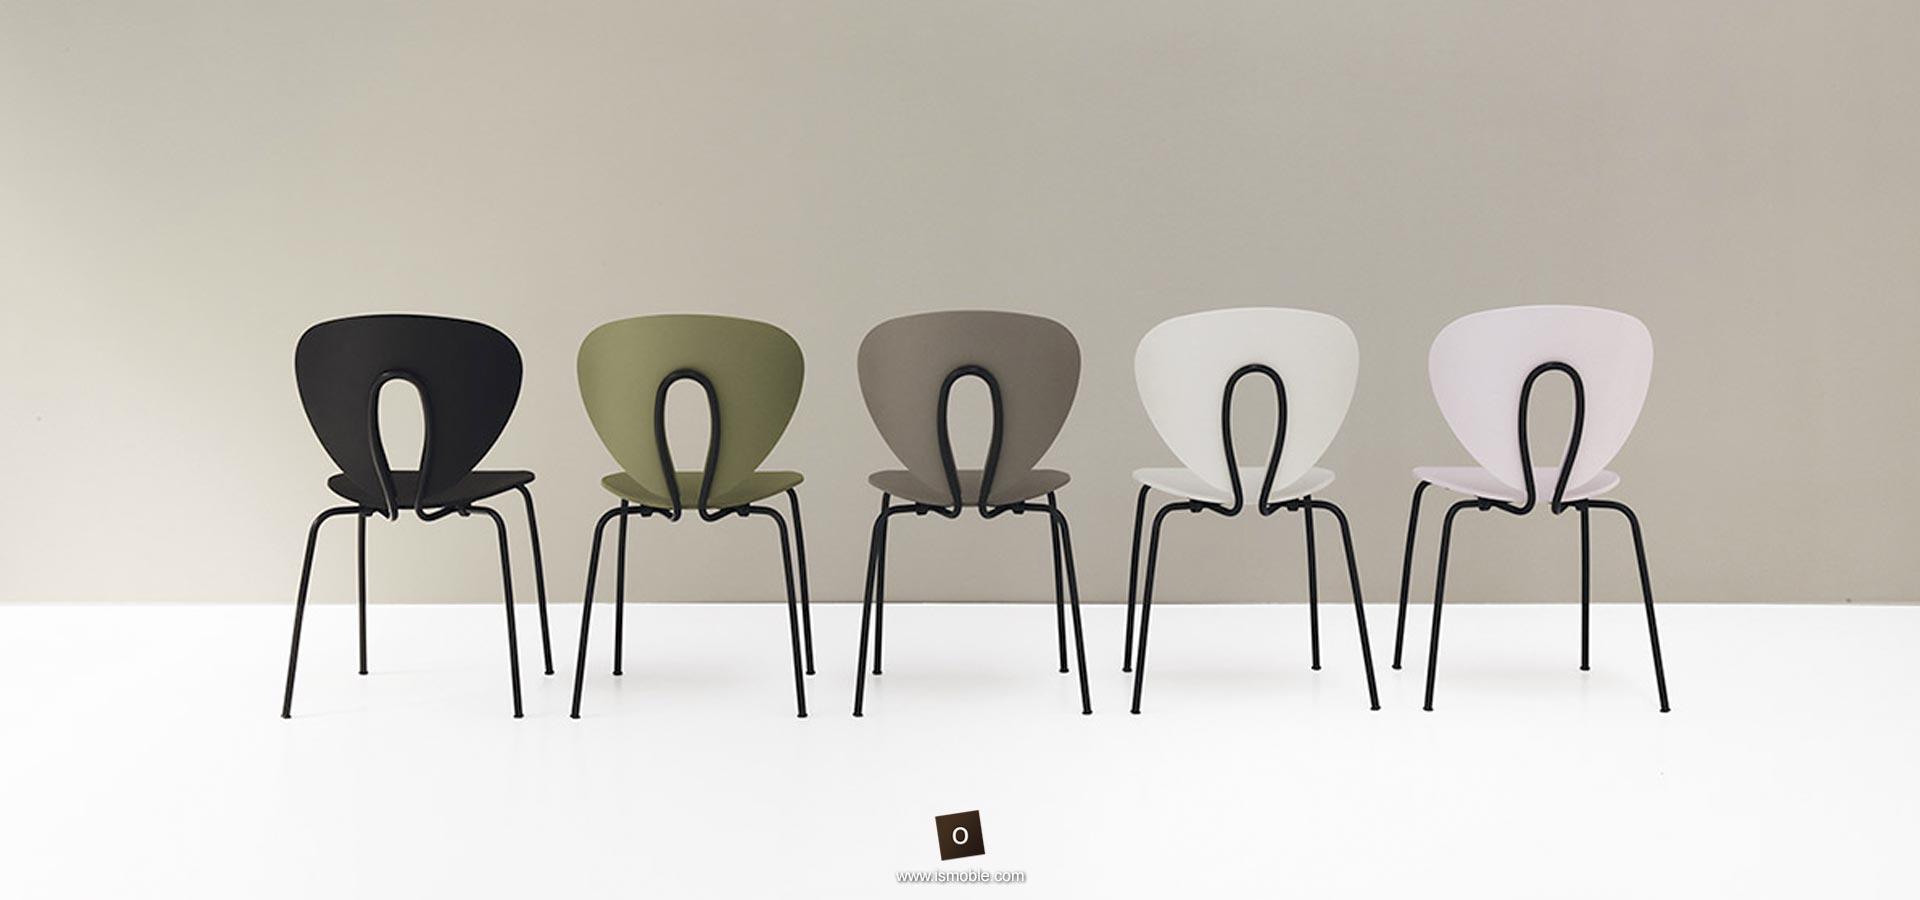 Sillas comedor de diseño moderno con varios estilos · ISMOBLE